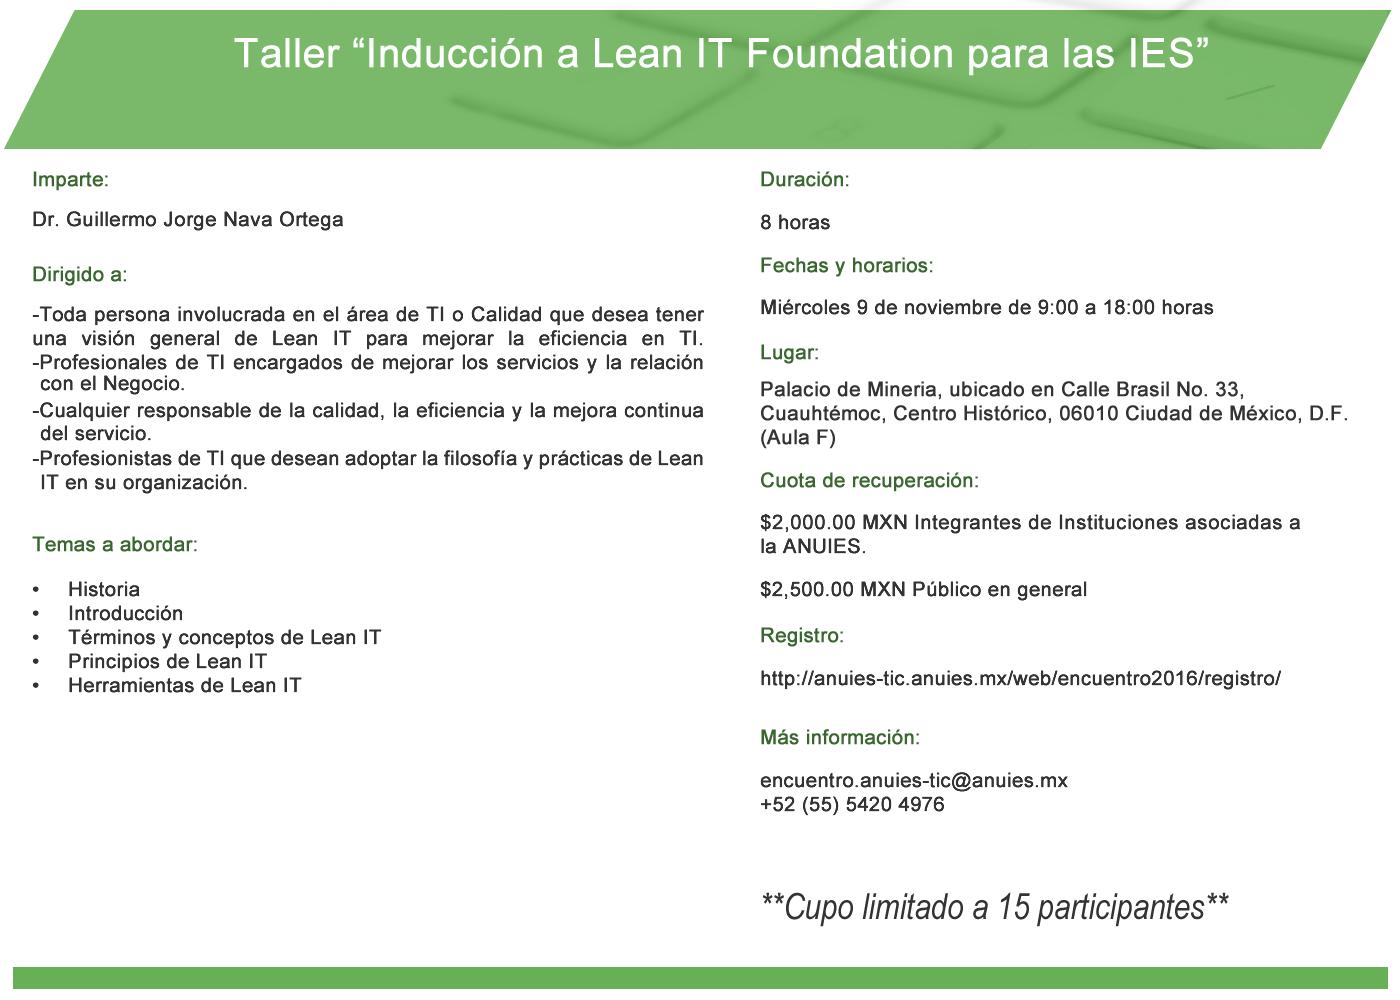 taller_leanitfoundation1